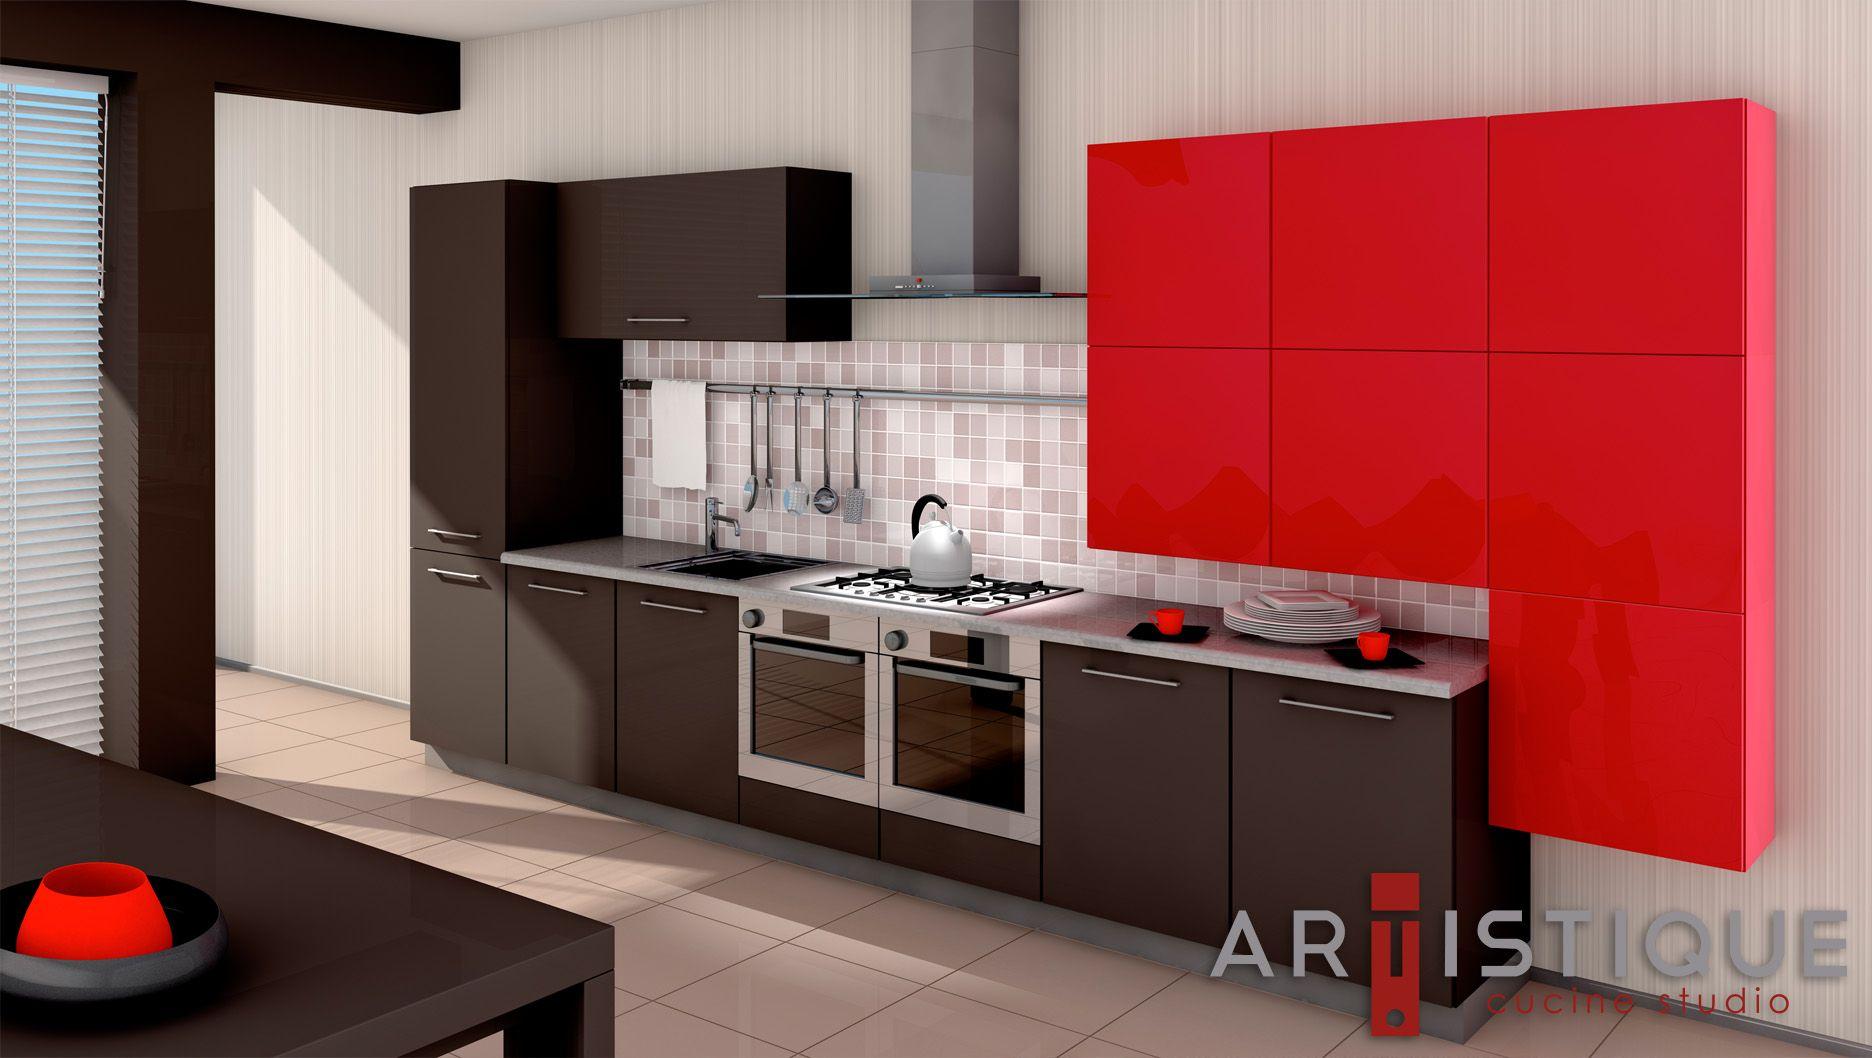 Cocinas Artistique Dise A Y Fabrica Las Cocinas M S Modernas Del  # Muebles De Cocina Kiwi